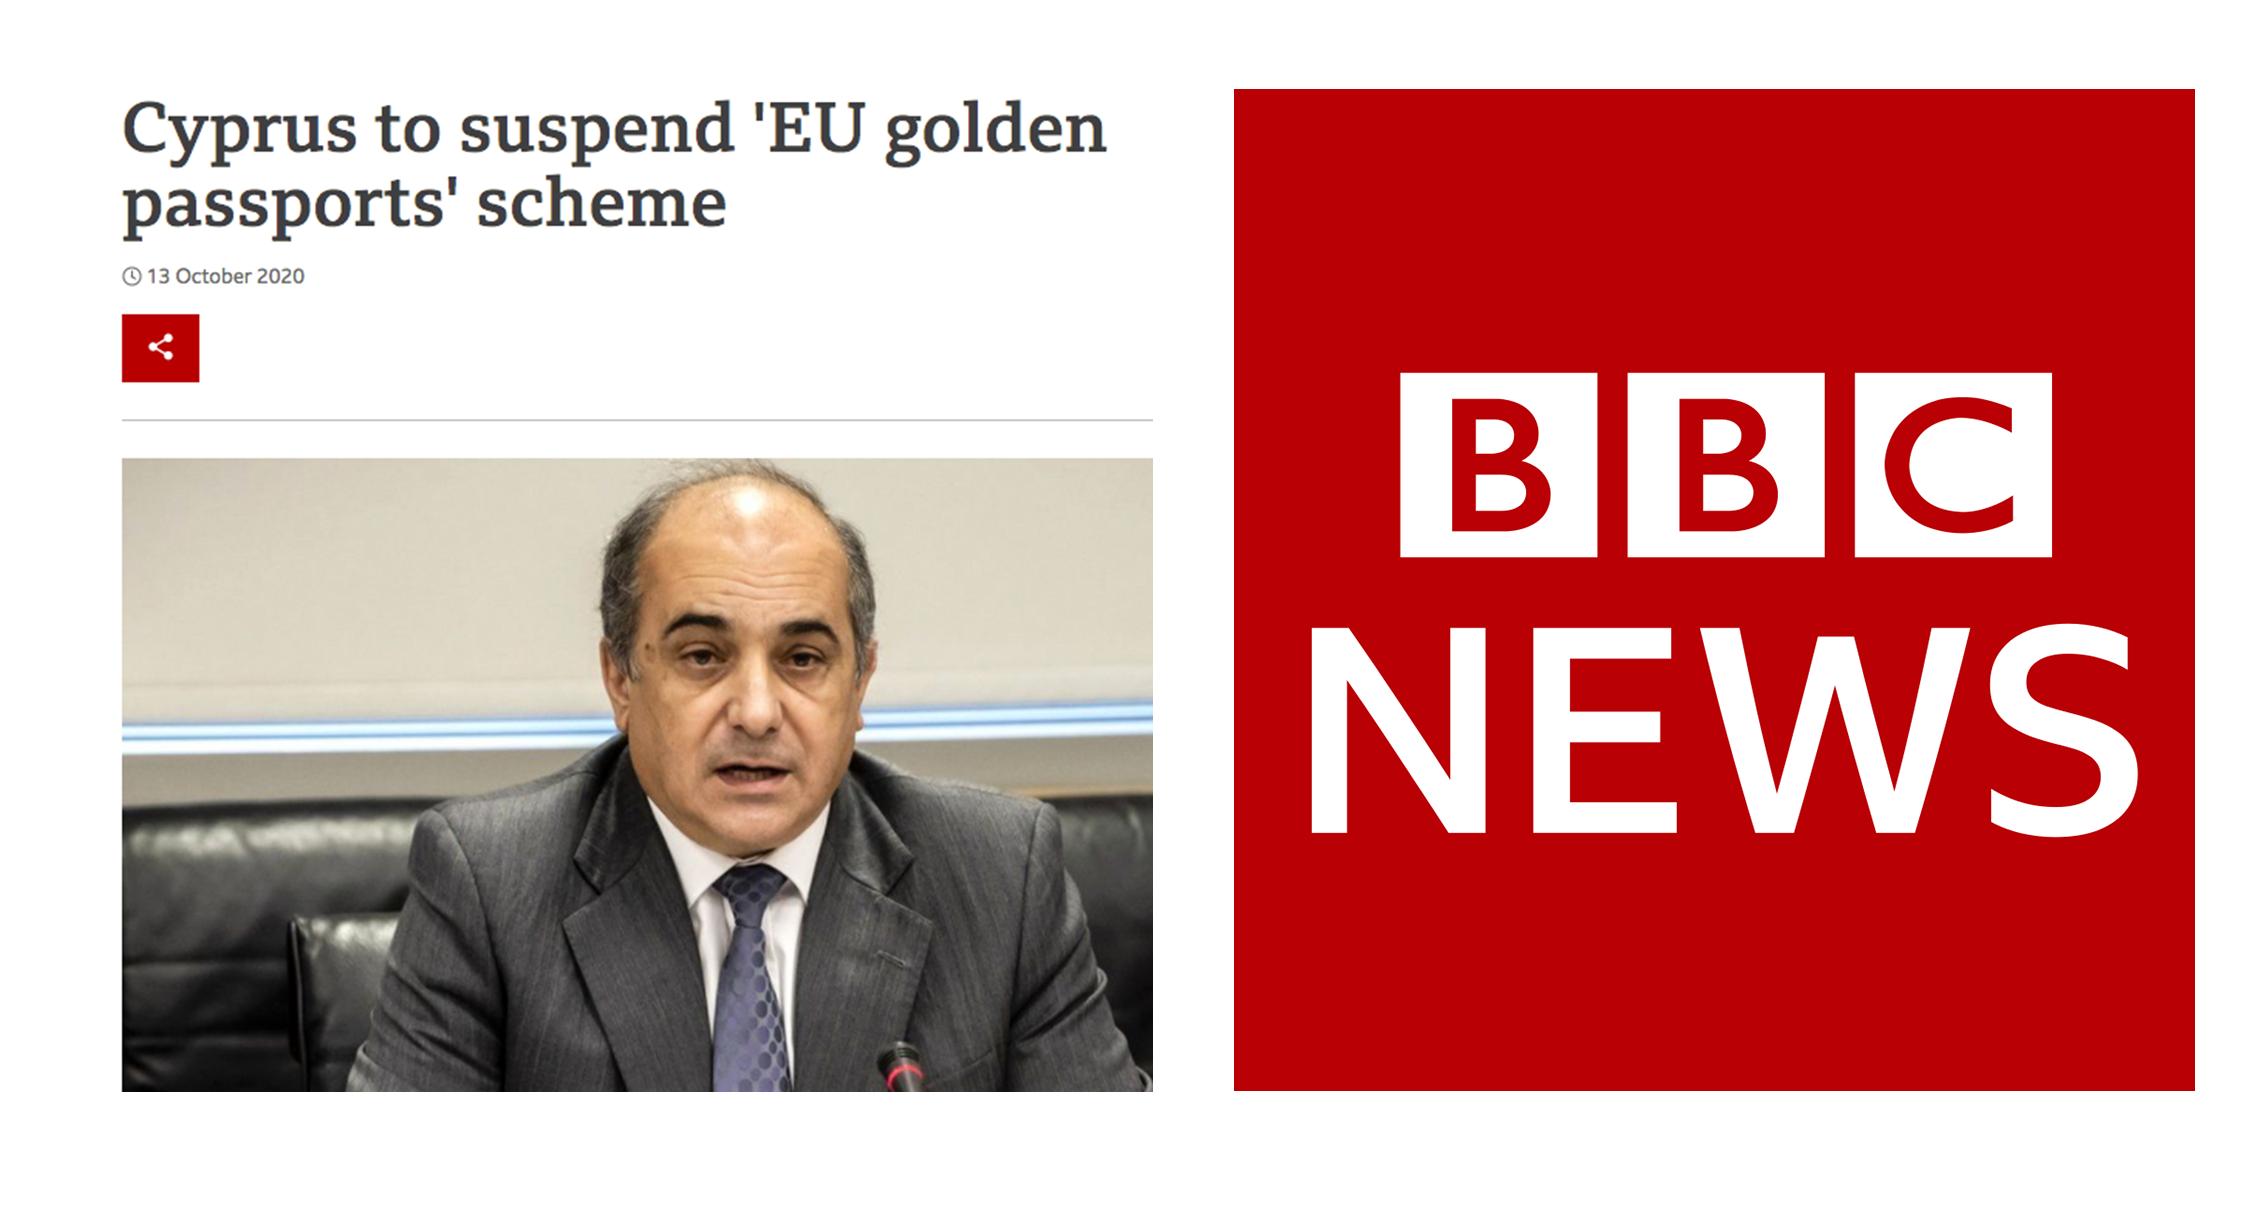 BBC: Cyprus to suspend 'EU golden passports' scheme